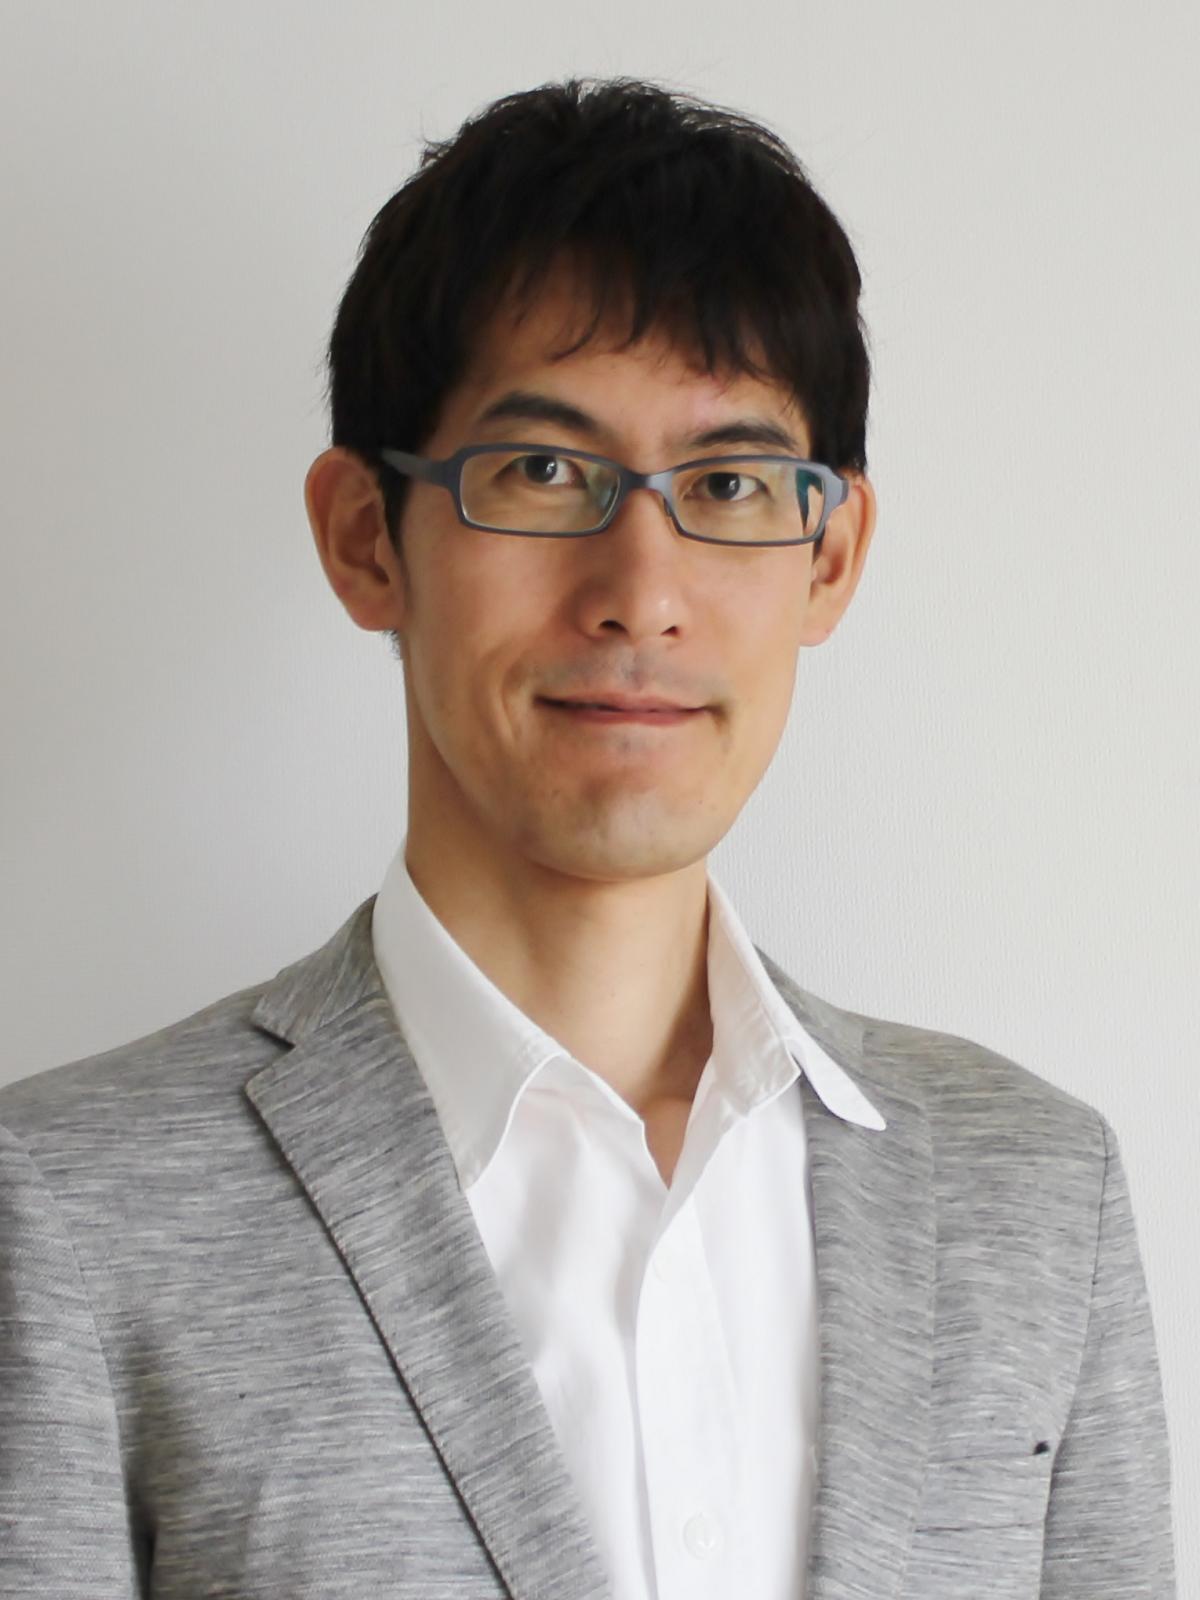 株式会社こえラボ 代表取締役 岡田正宏